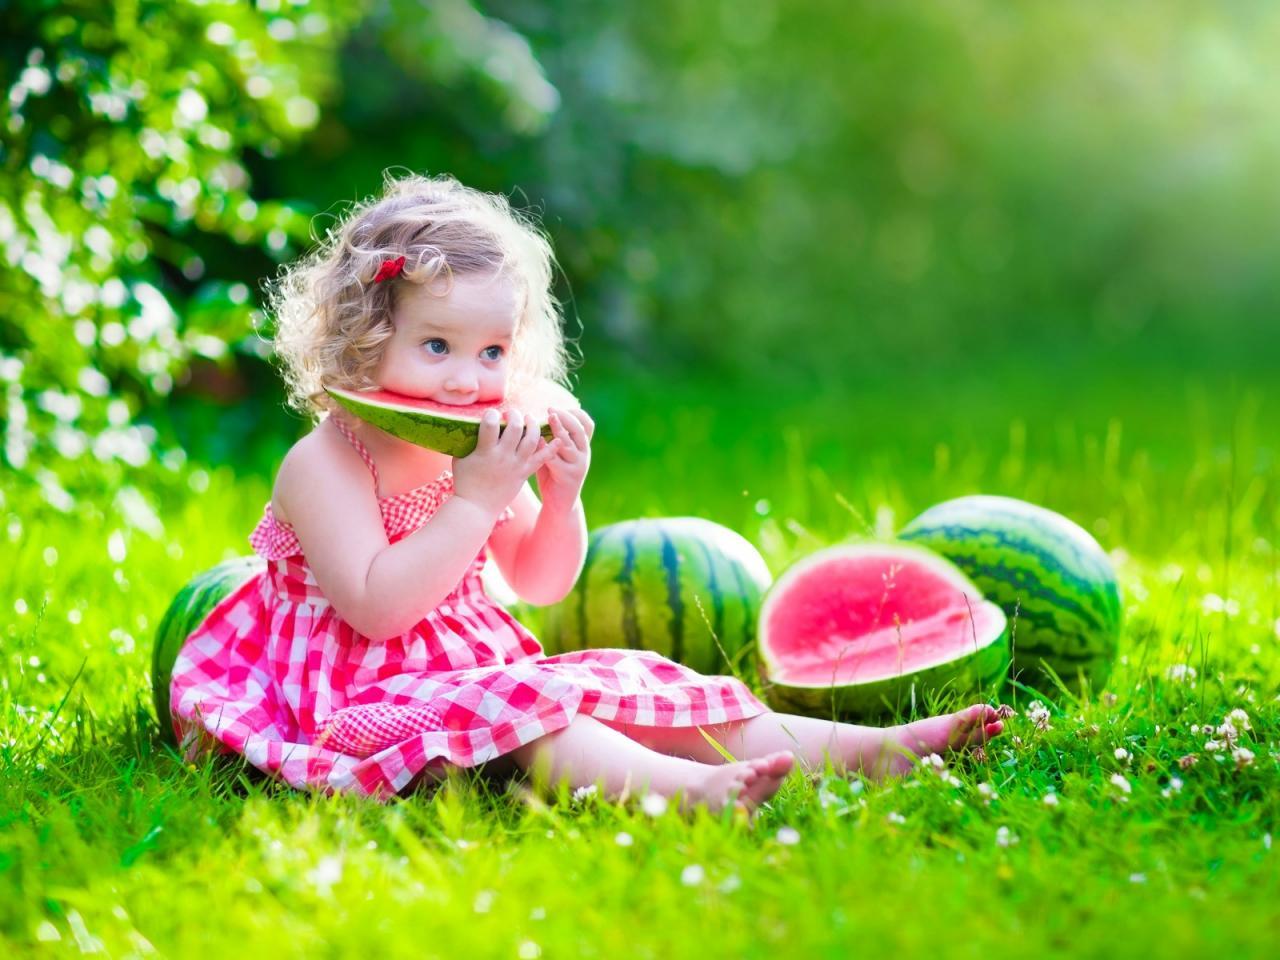 صورة صور بنات اطفال جميلة جدا , احلى بنات في الدنيا كله